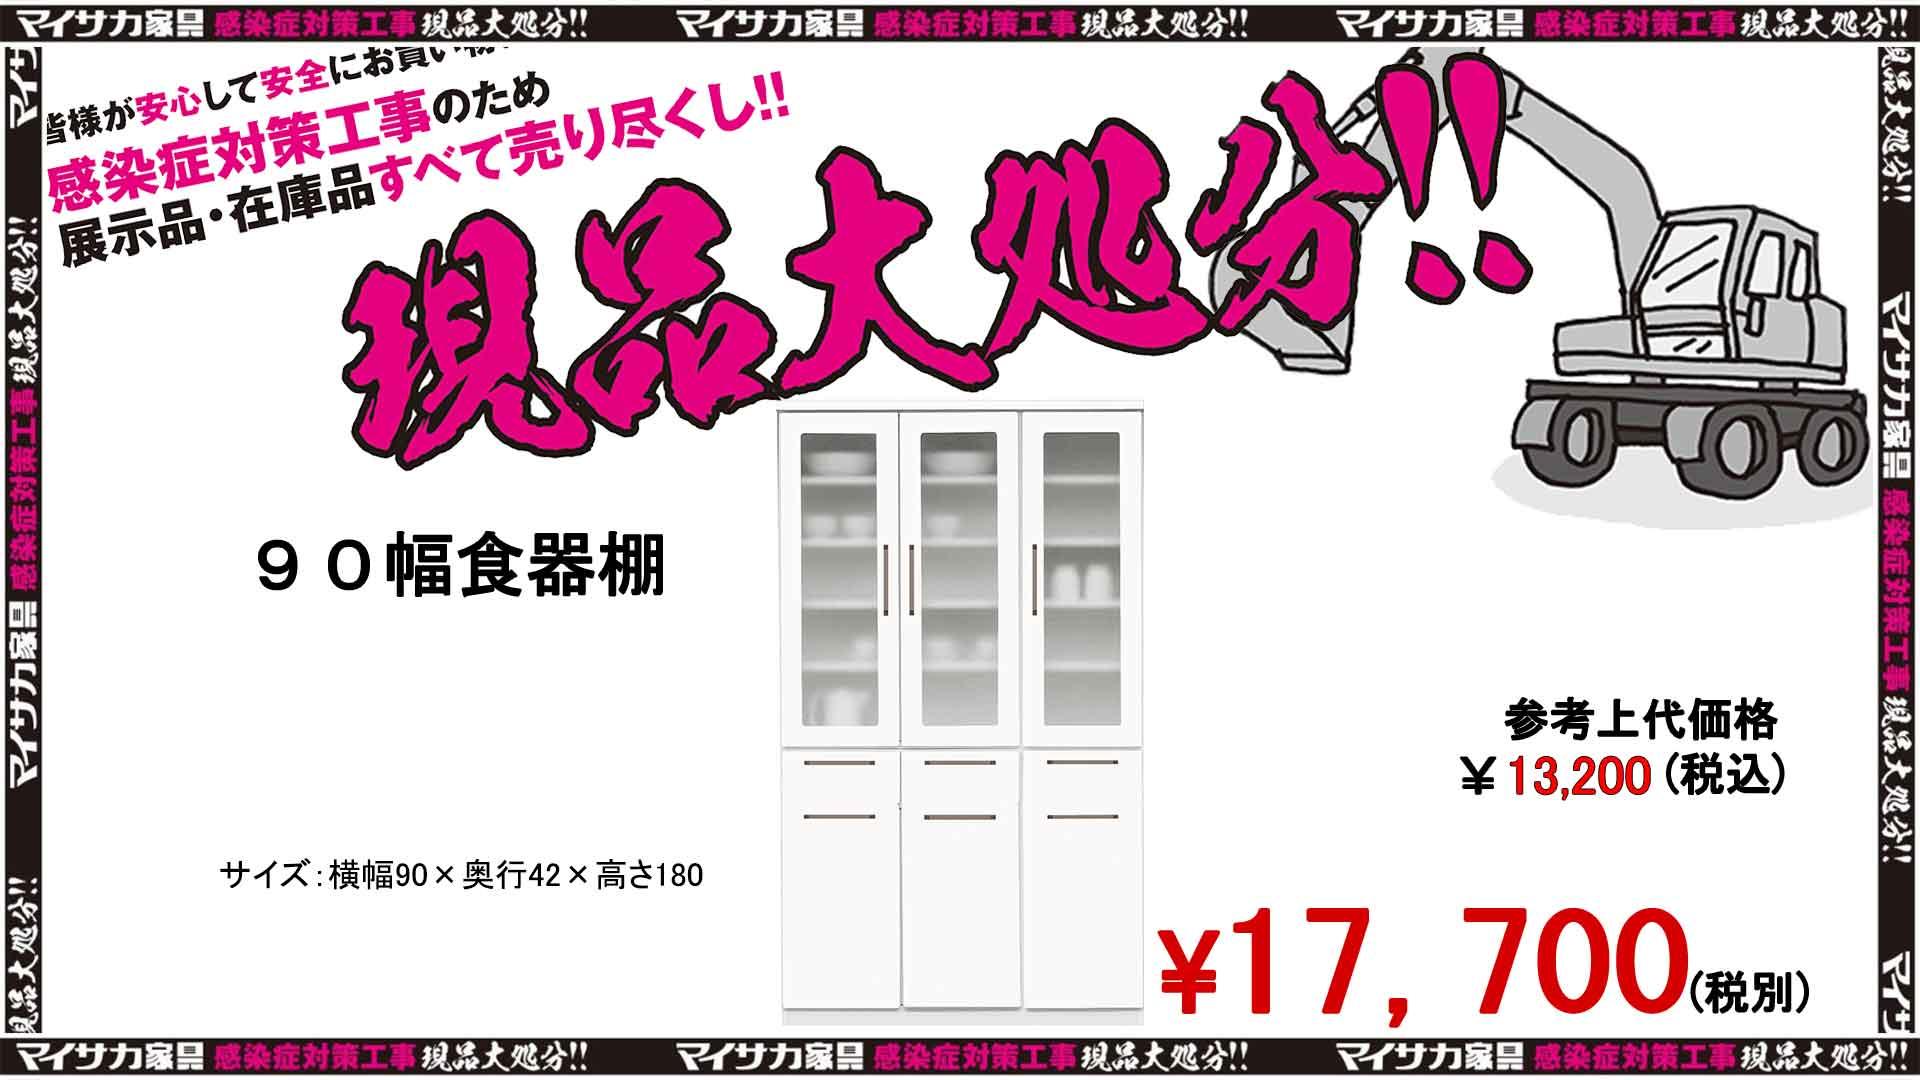 リビンズの横幅90㎝の食器が沢山入るホワイト色の食器棚